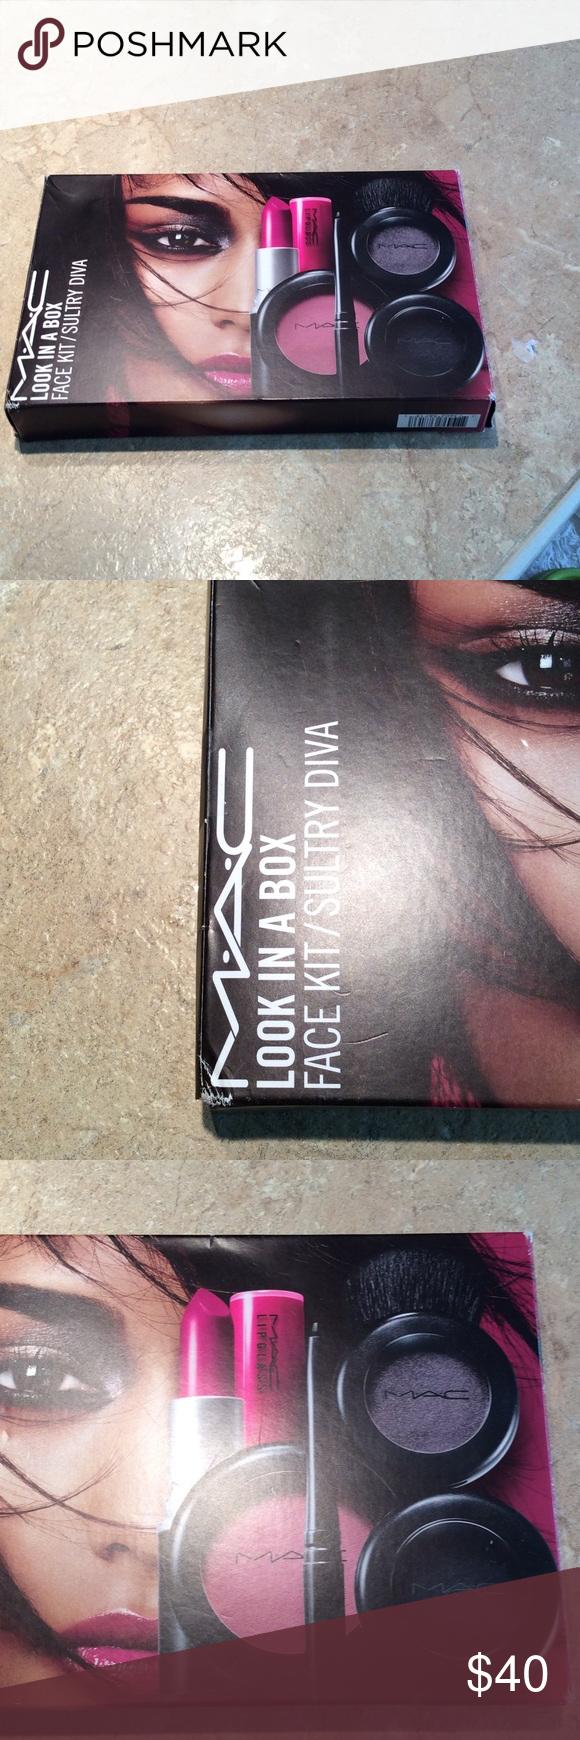 100 MAC makeup kit Very nice Mac makeup kit. Didn't